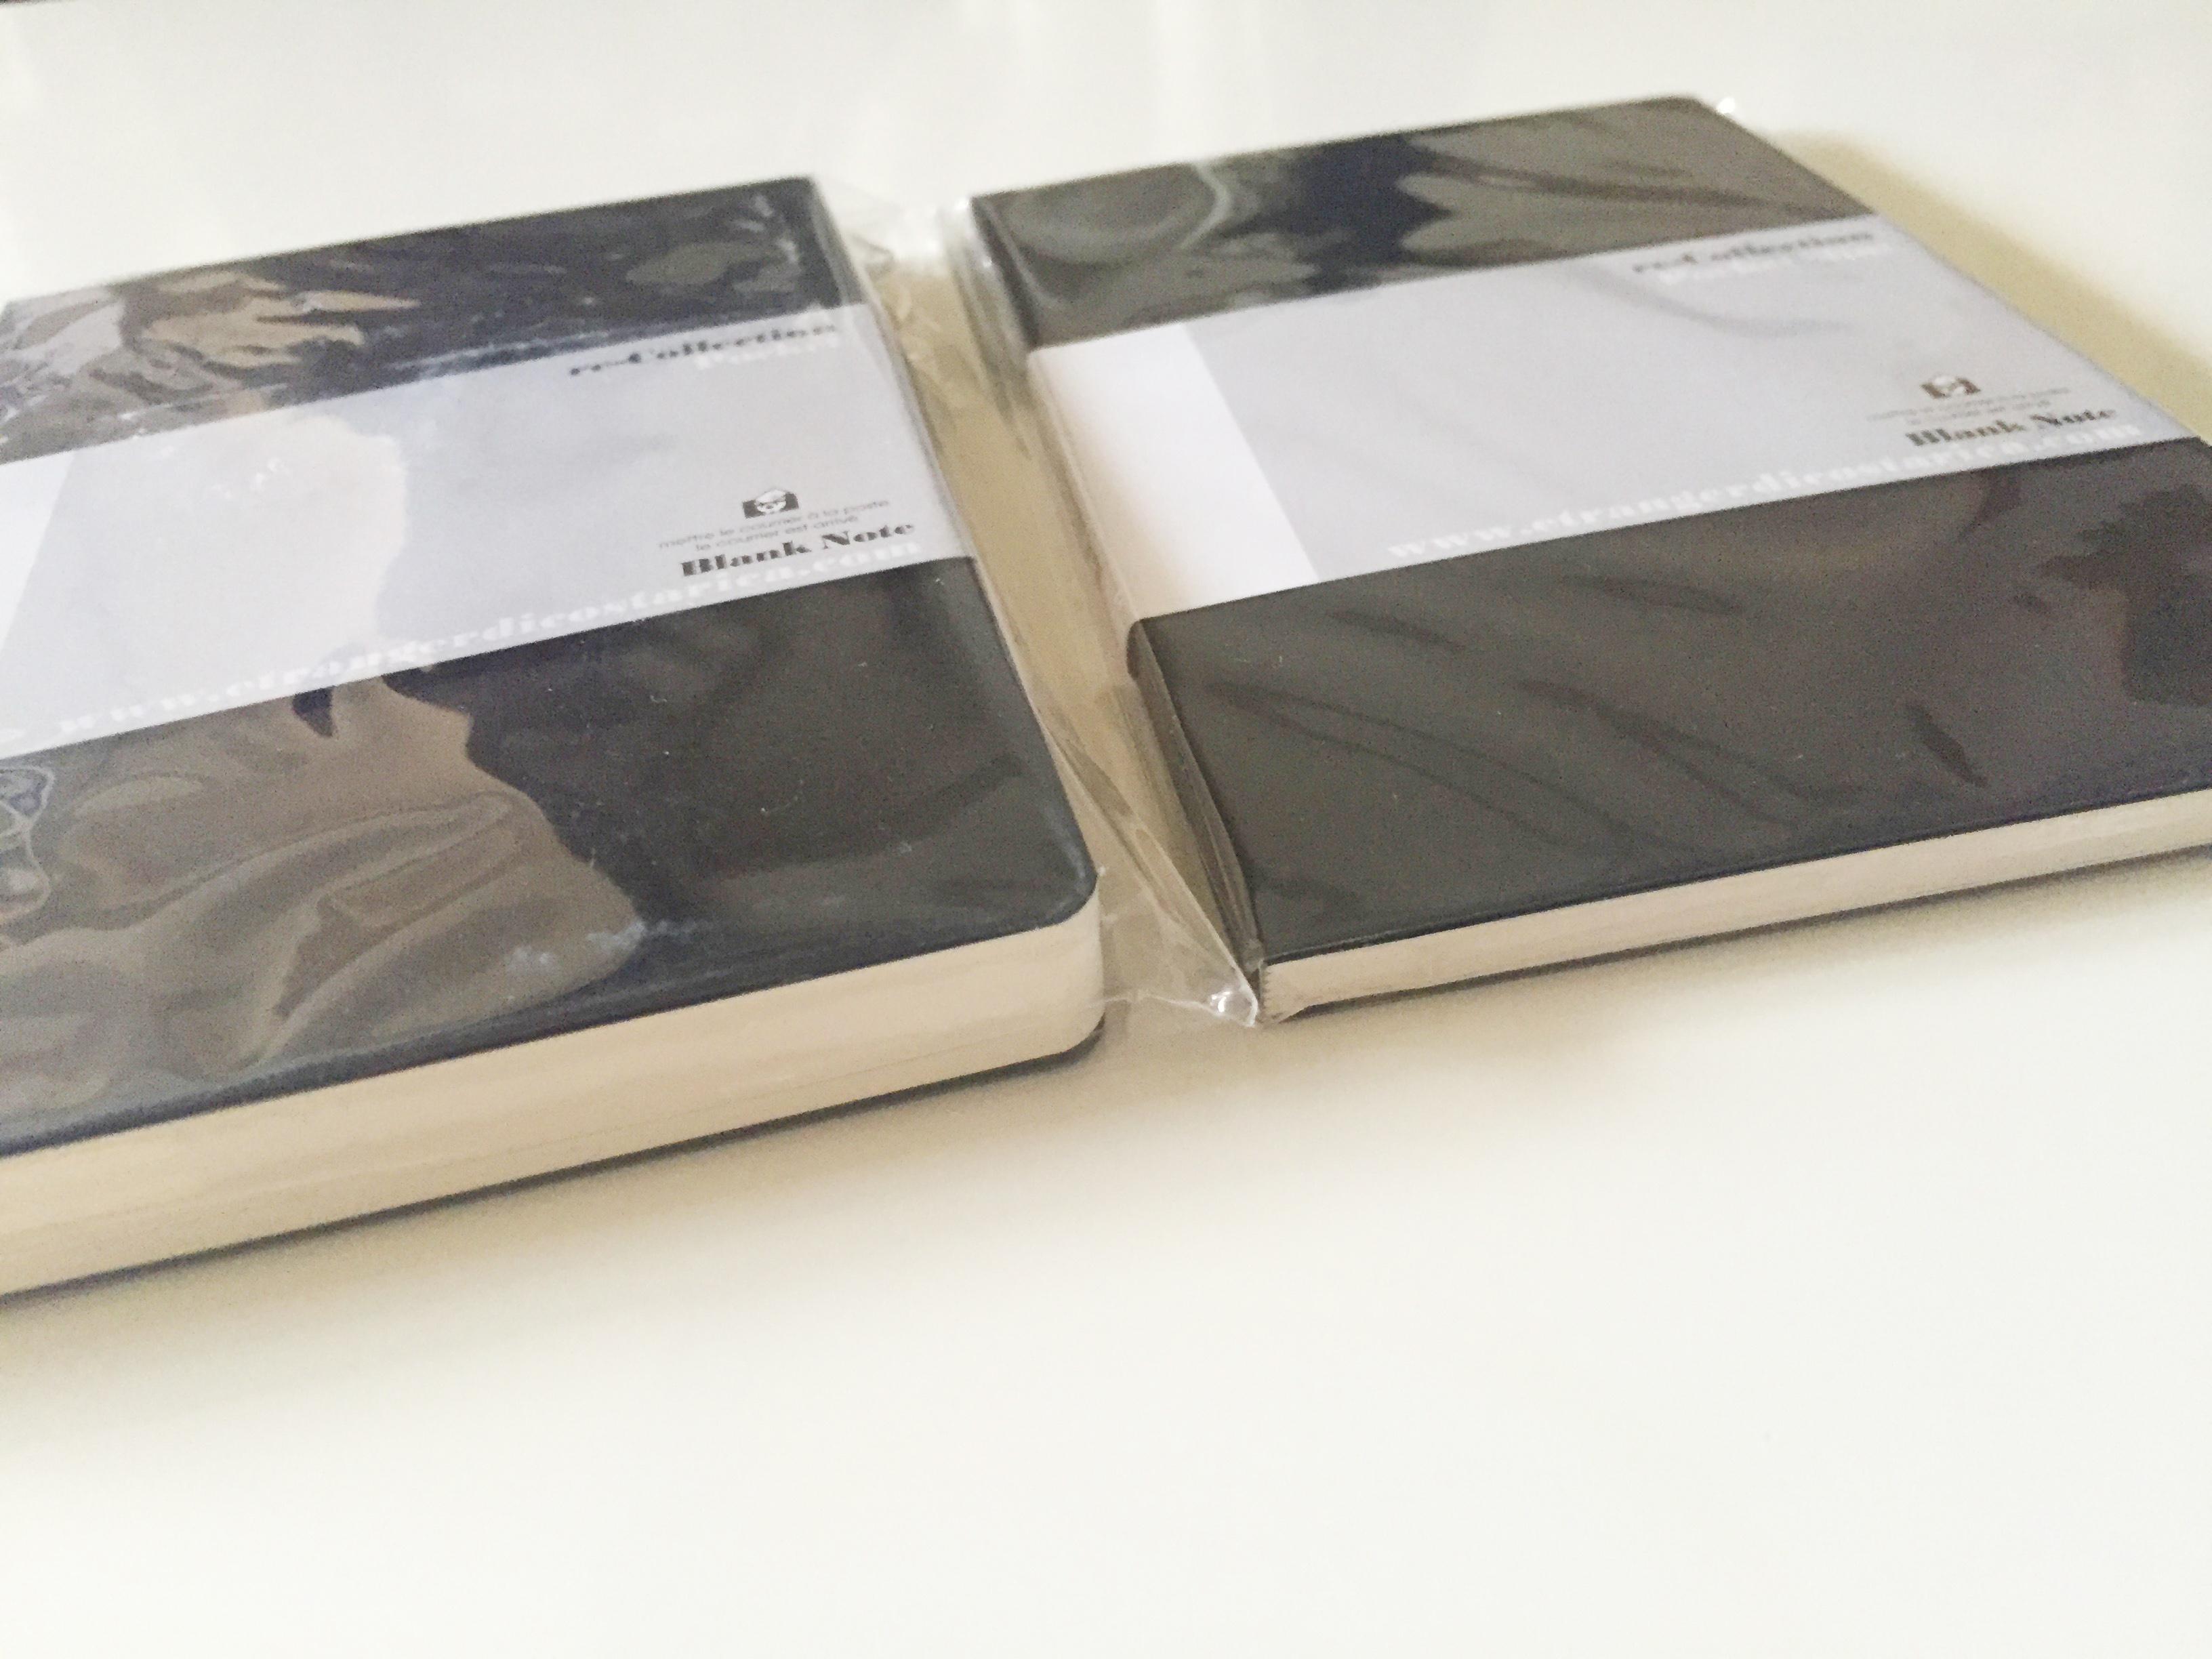 エトランジェ ディ コスタリカ,etranger di costarica,ノート,ポケットサイズ,リコレクションシリーズ,